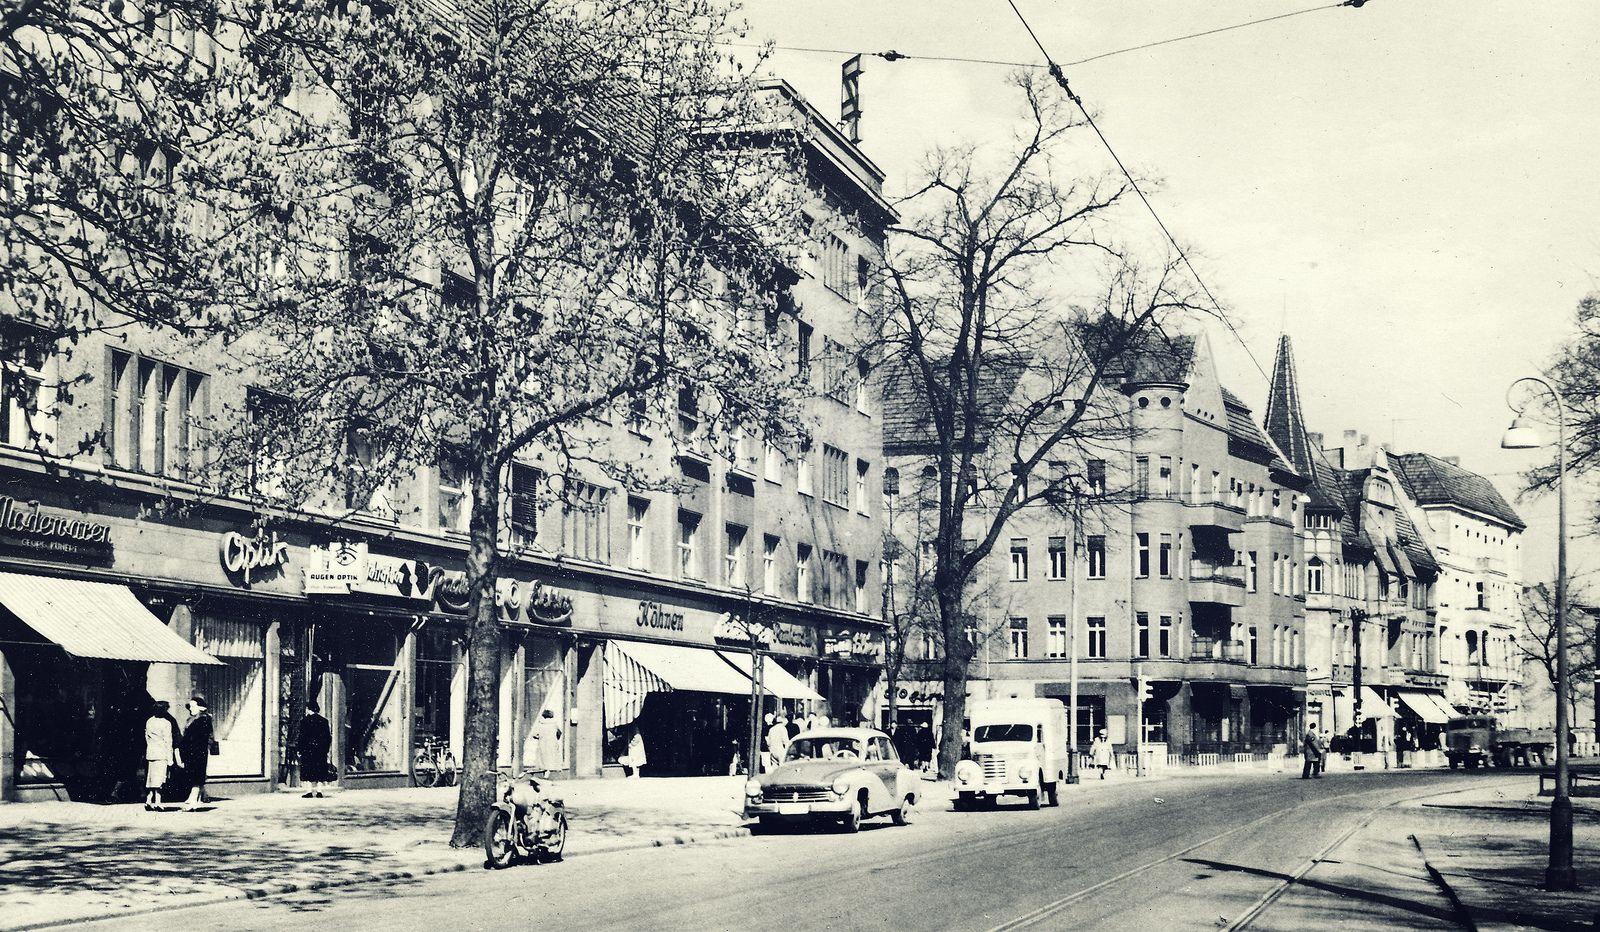 Berlin Pankow Breite Strasse 1963 Berlin Pankow West Berlin